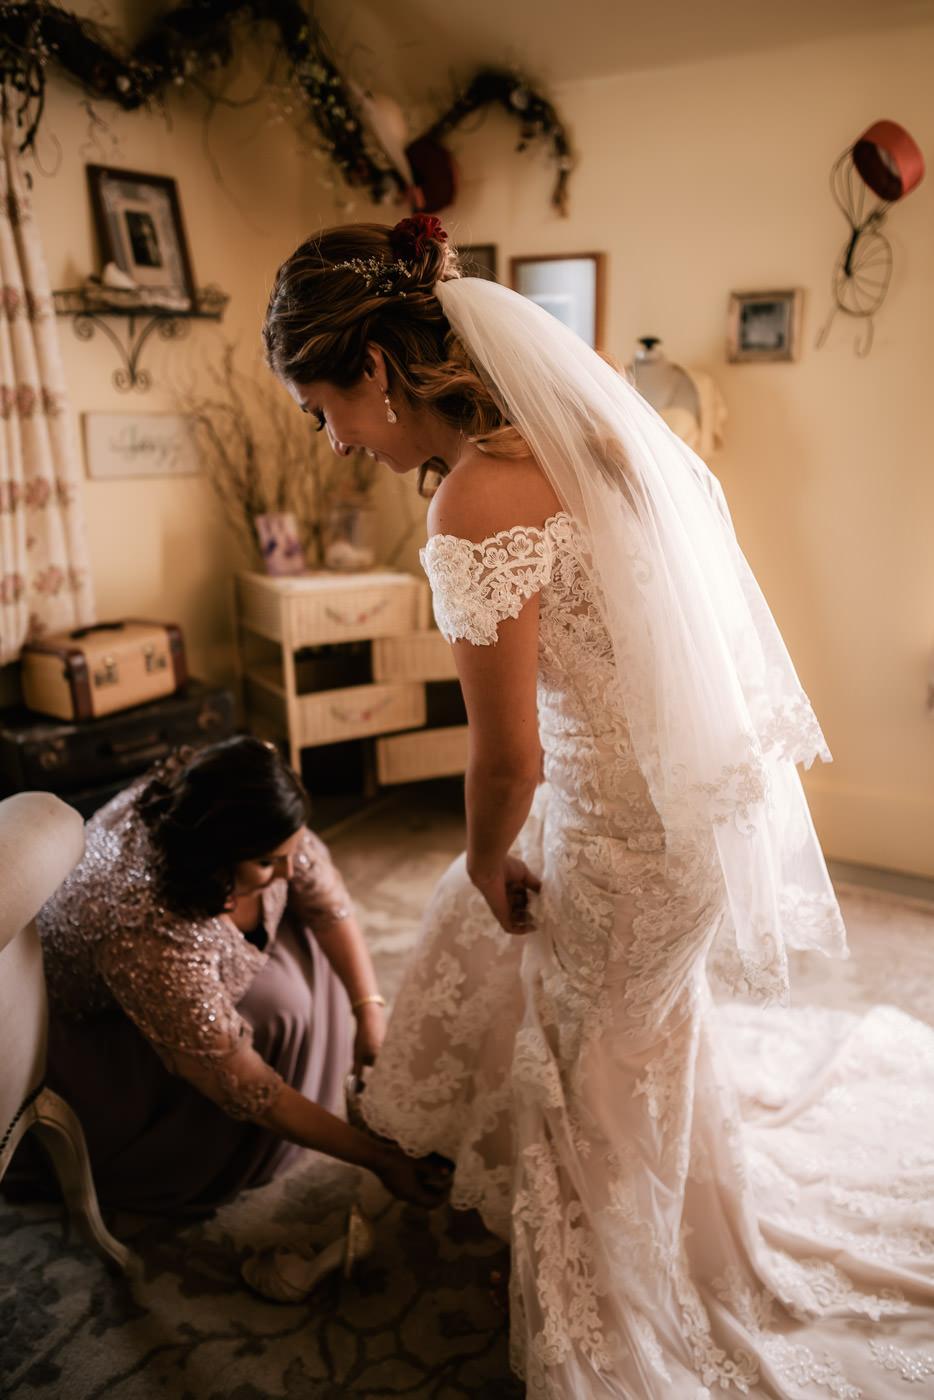 Bride's mother helps her with her heels.